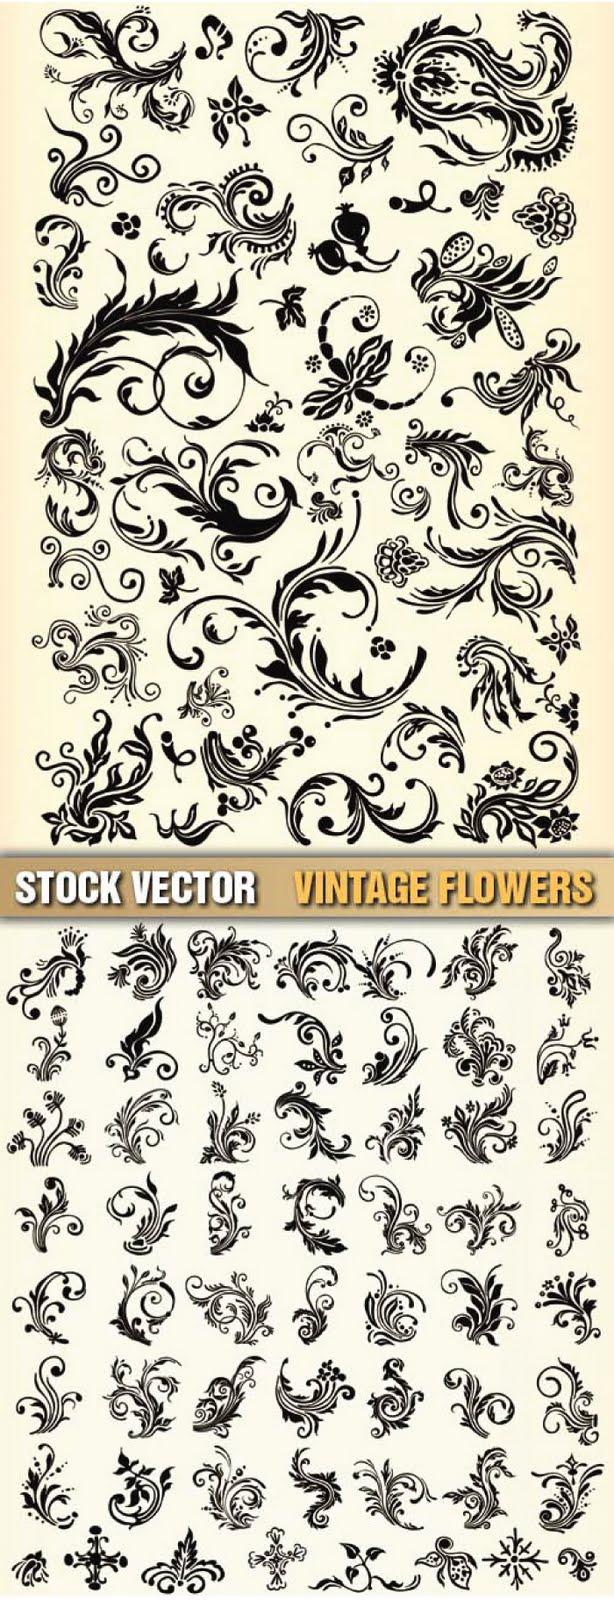 Stock Flower Vector